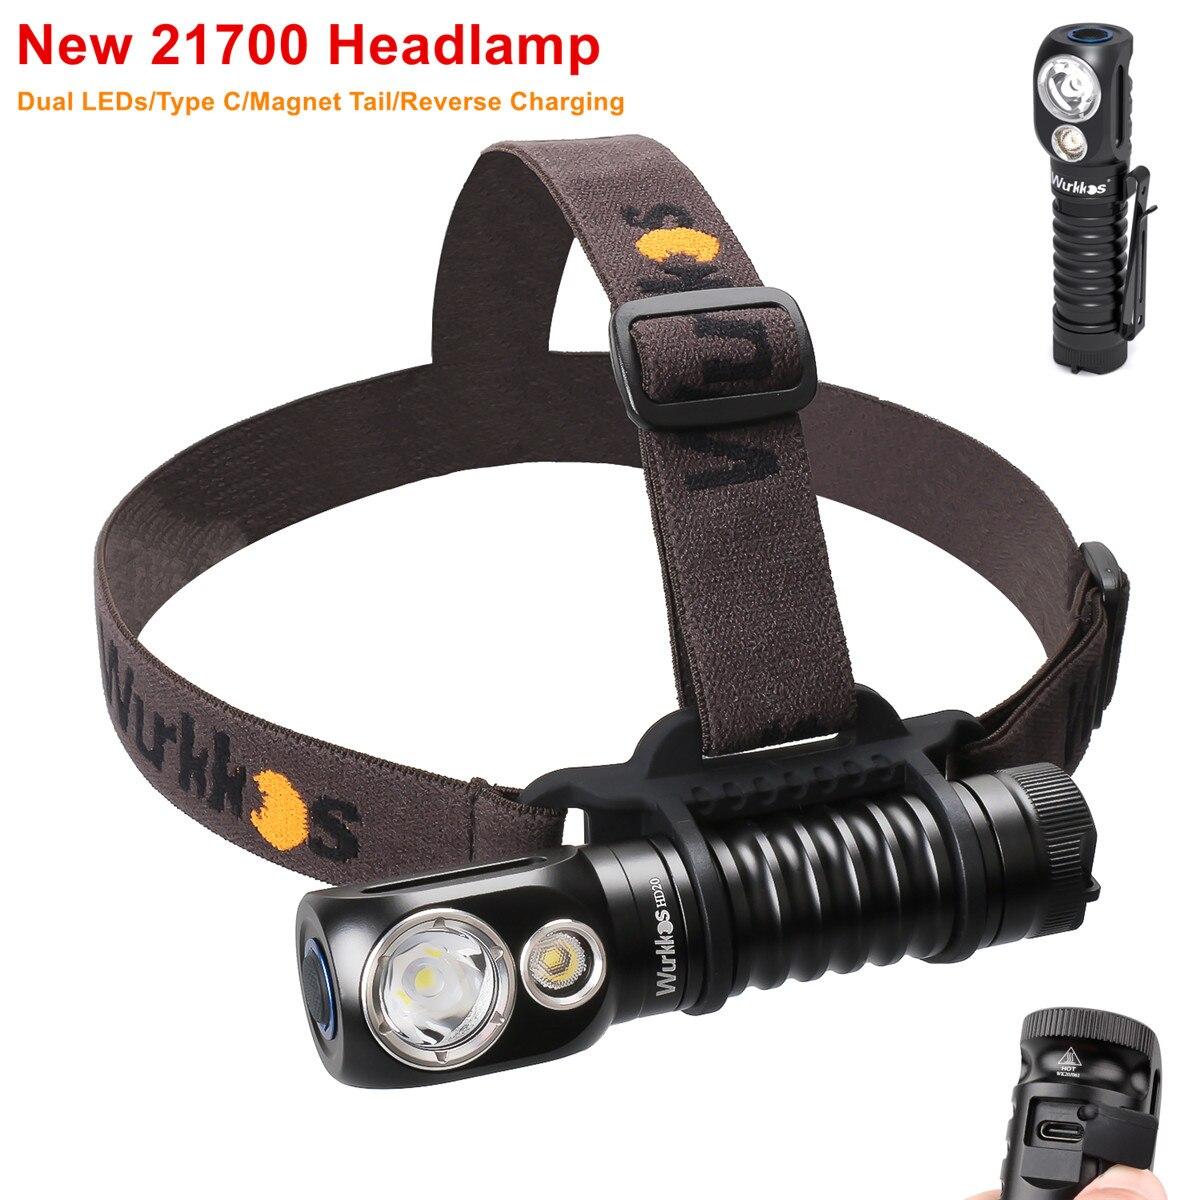 Wurkkos HD20 Перезаряжаемые фары 21700 светодиодный светильник 2000lm двойной светодиодный LH351D PL с Тип C обратная зарядка Магнитный хвост